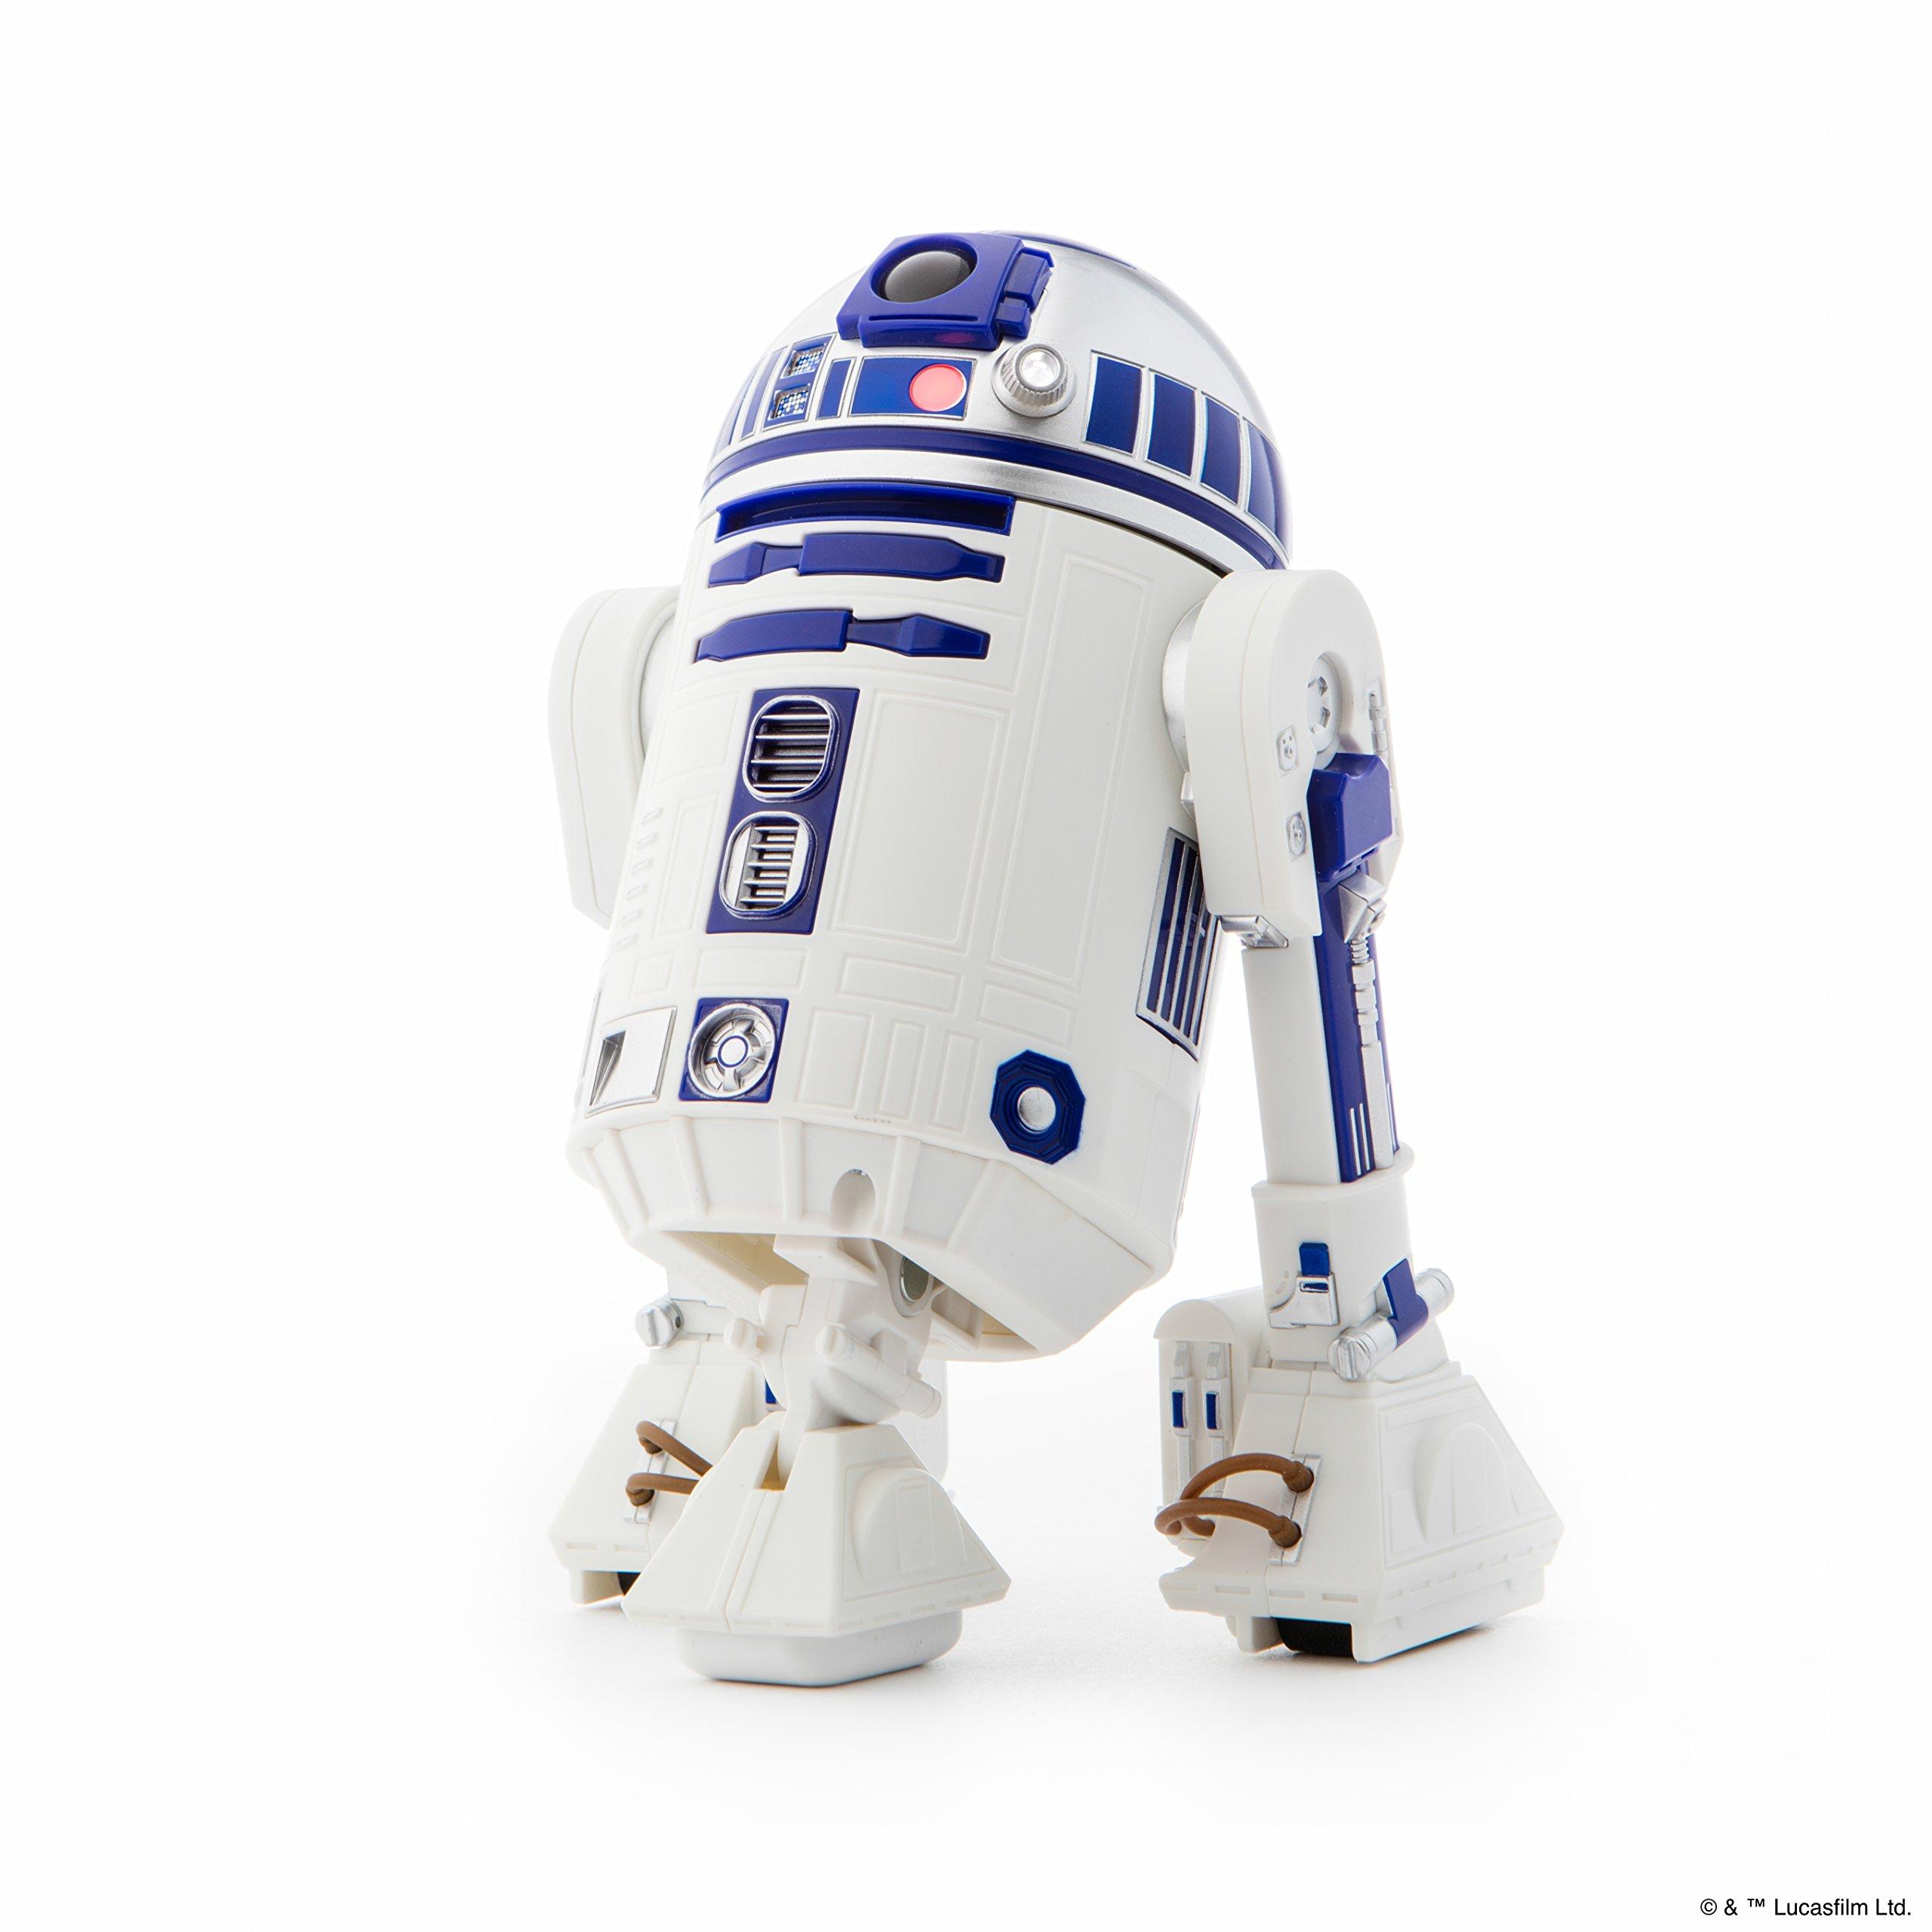 스피로 스타워즈 알투 디투 드로이드 (무선 인공지능 로봇, 어린이, 애완용 장난감) Sphero R2-D2 App-Enabled Droid